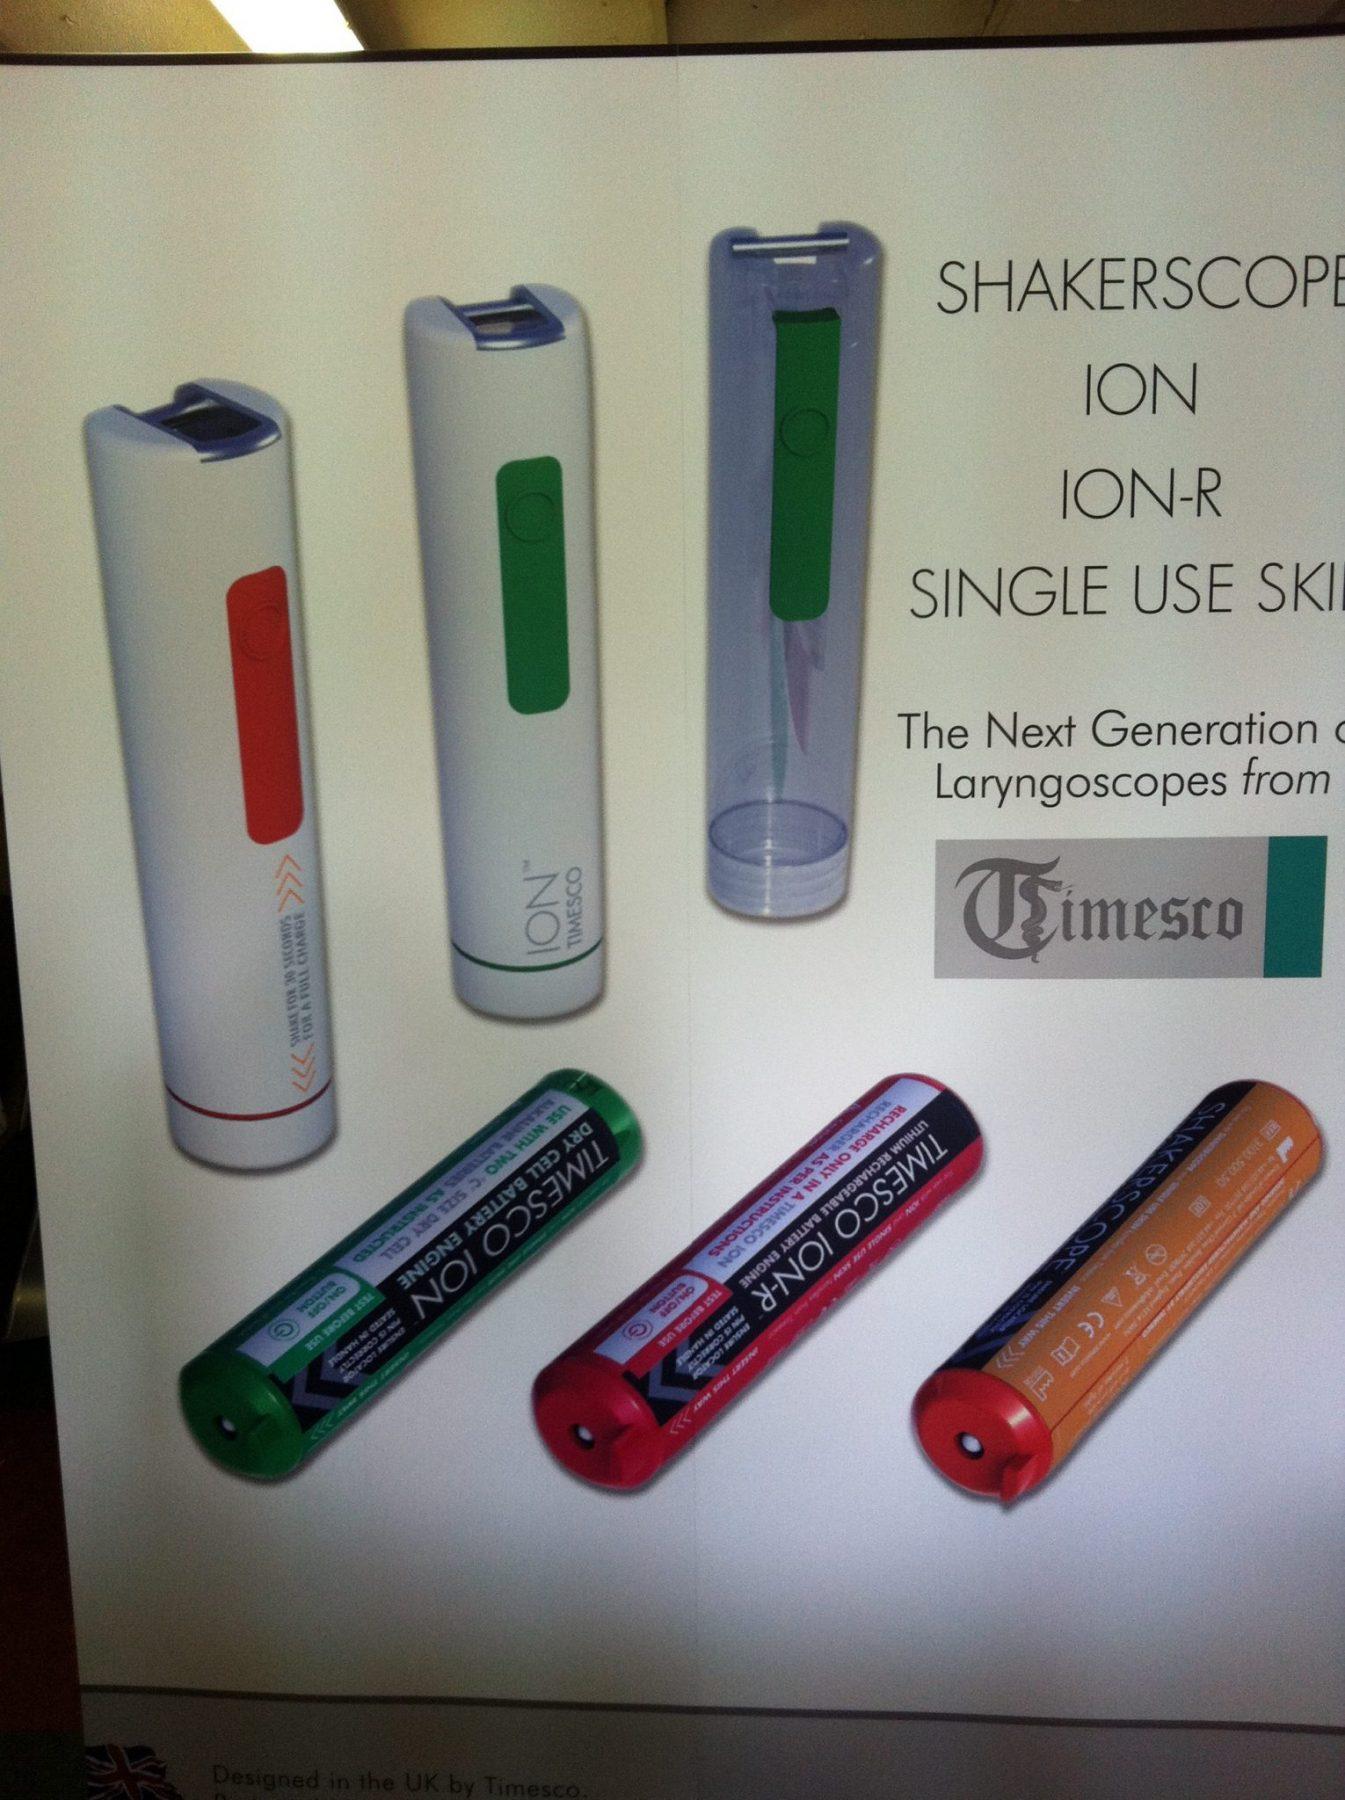 Uno tension banner. Chromatics UK. Sussex